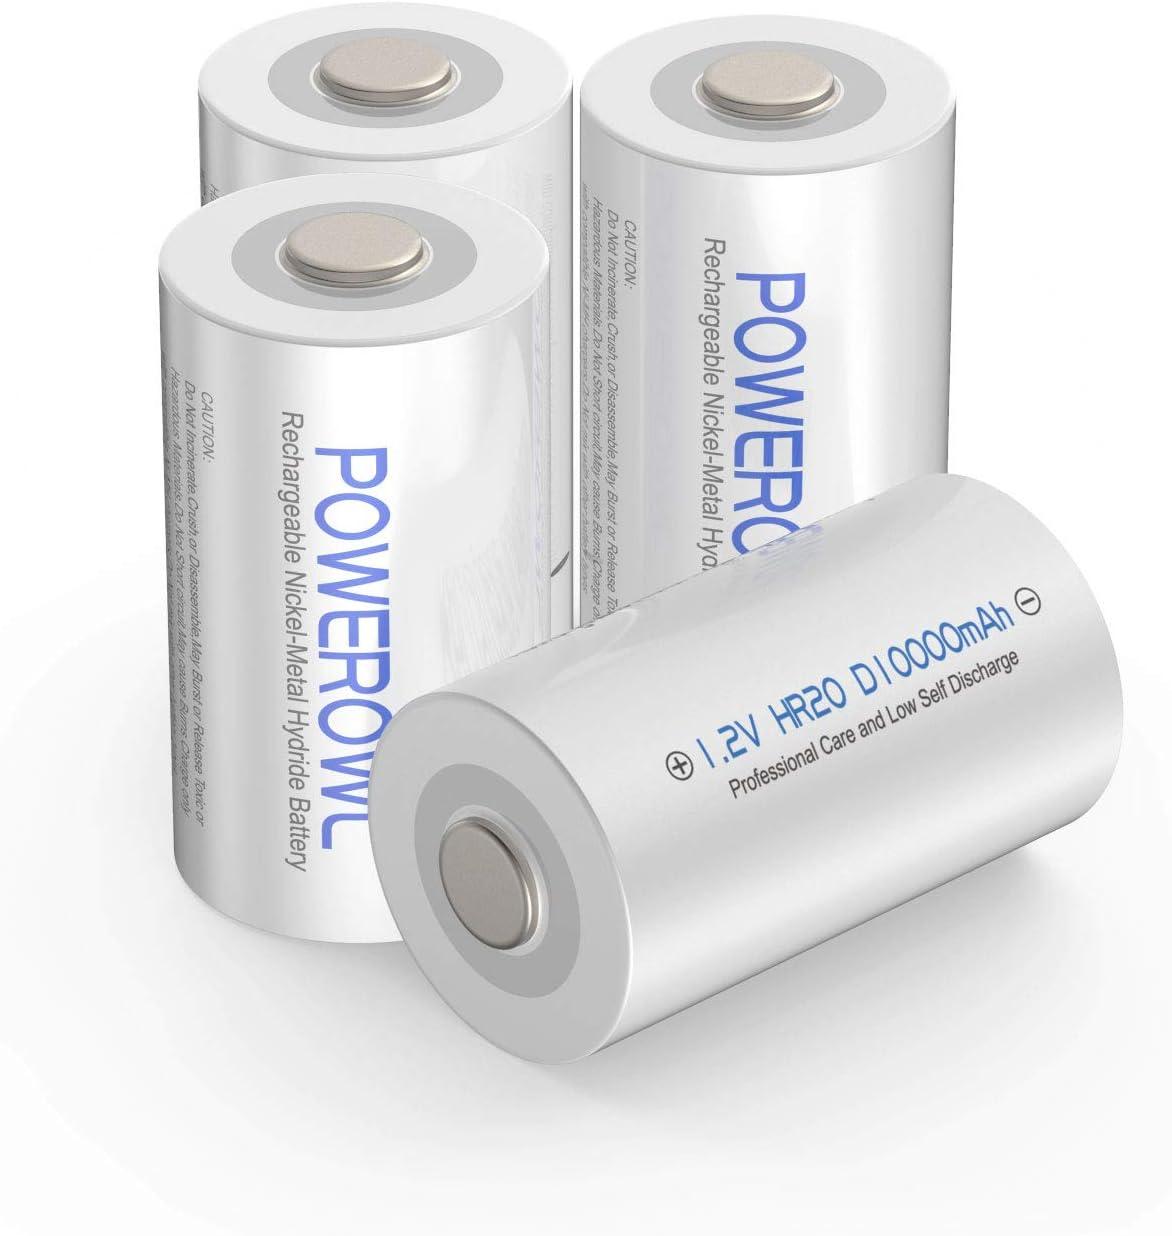 POWEROWL D Pilas Recargables Alta Capacidad 10000mAh 1.2V Ni-MH Precarga D Bateria Recargables Baja Autodescarga (4 Paquete, Recargable Aproximadamente 1200 Veces)